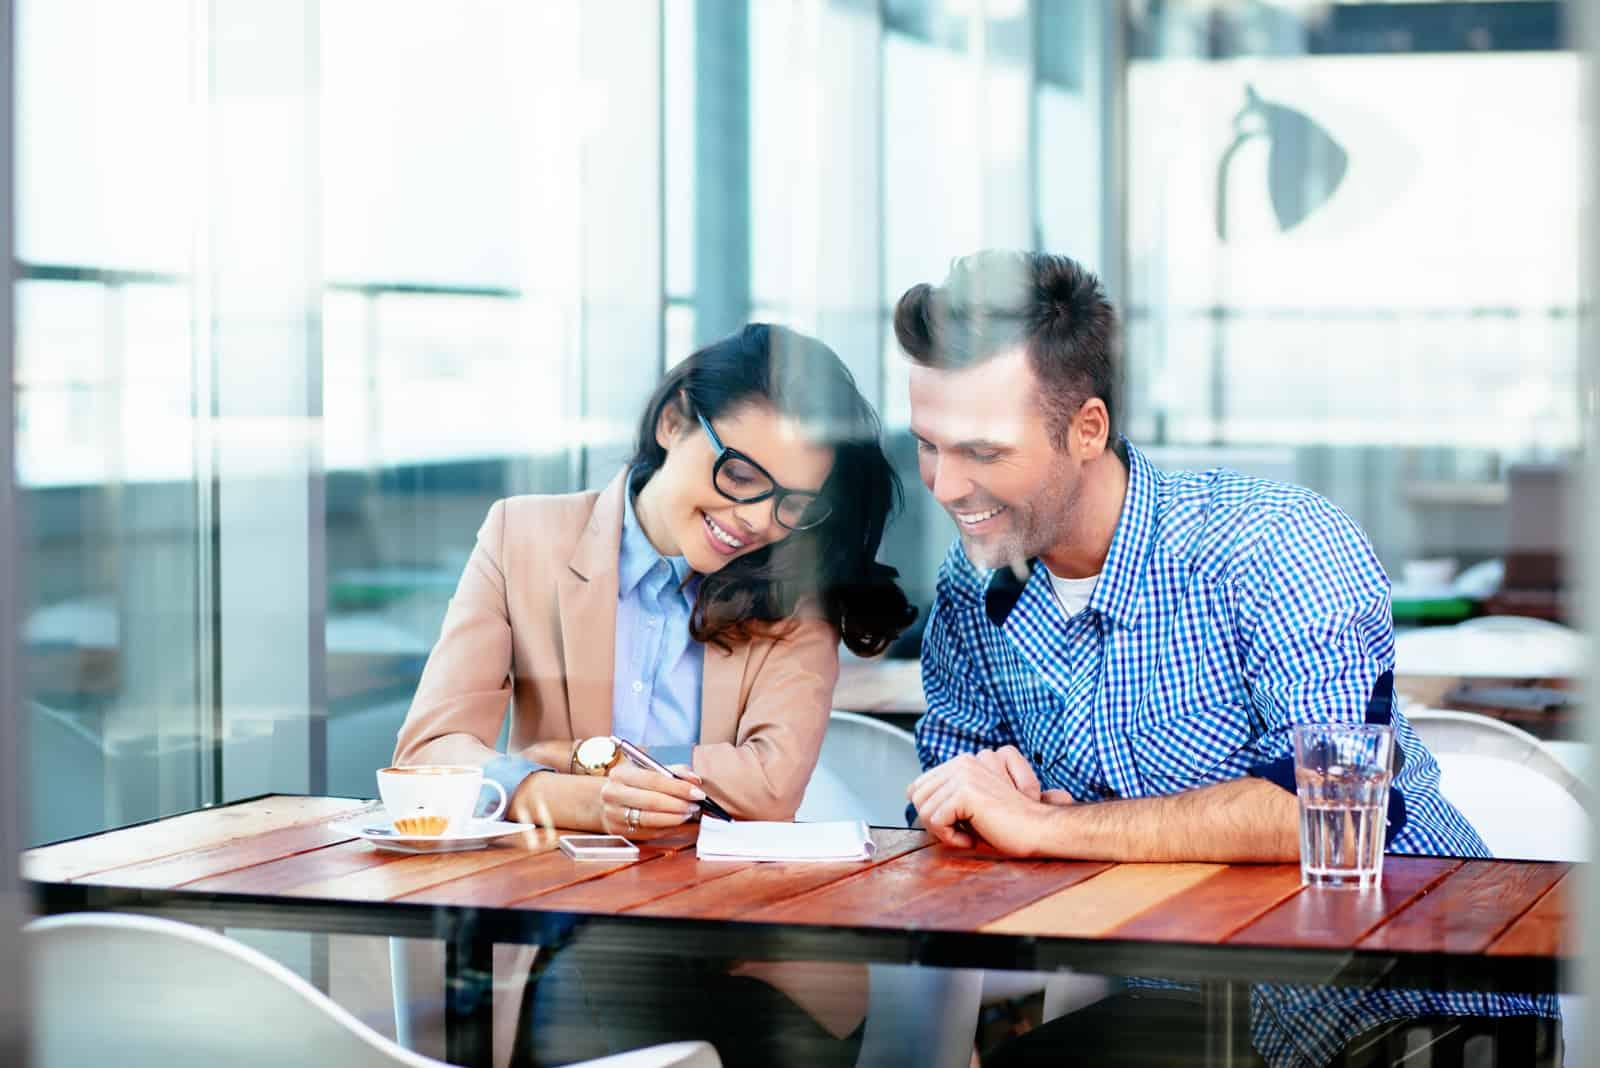 un homme et une femme sont assis à une table pendant qu'elle écrit quelque chose et rit